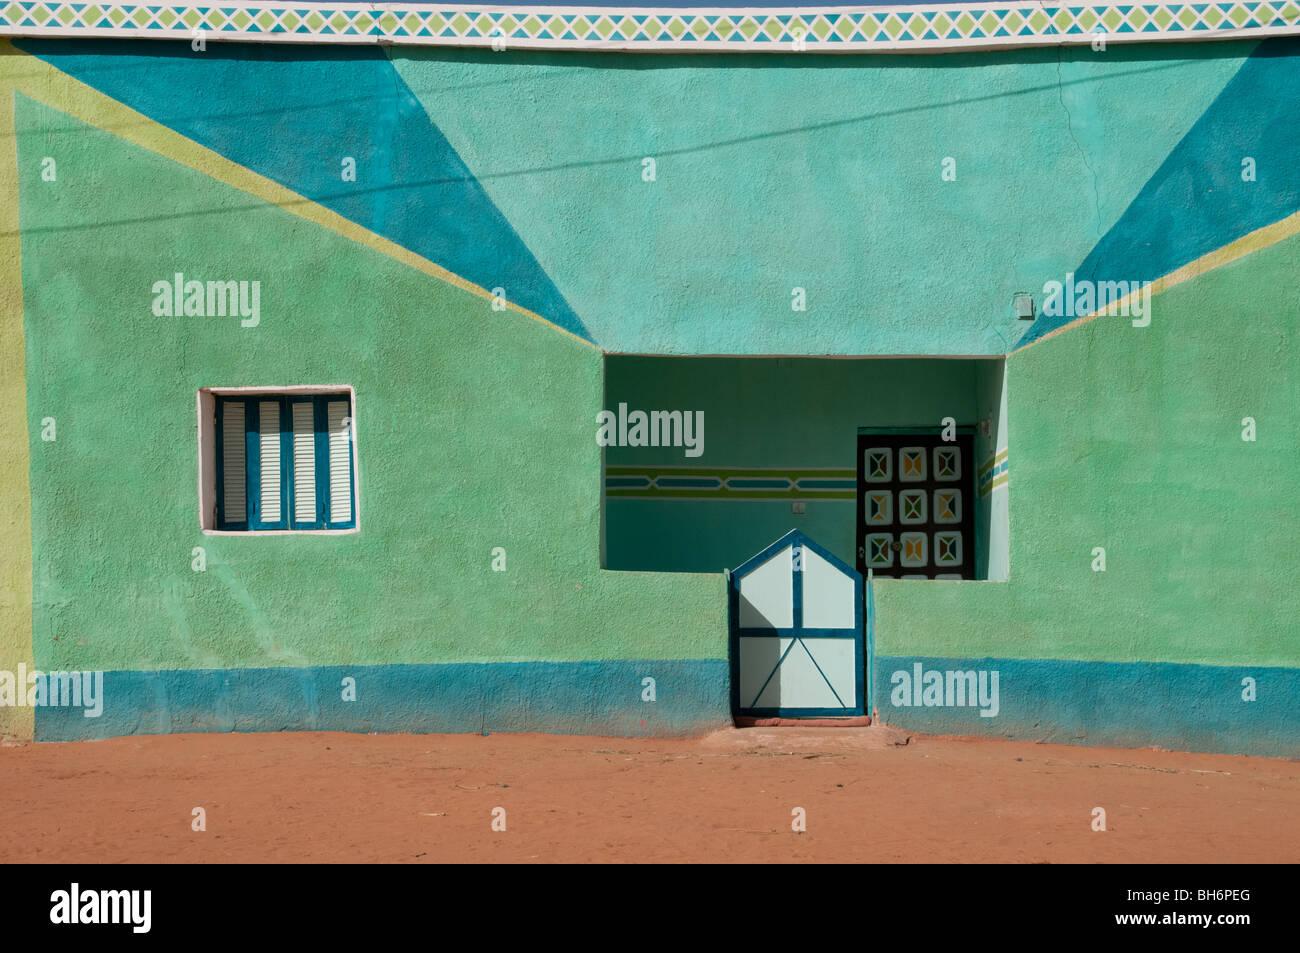 Ein buntes Haus in der Wüste Dorf Balat in Ägyptens Dakhla Oase. Stockbild